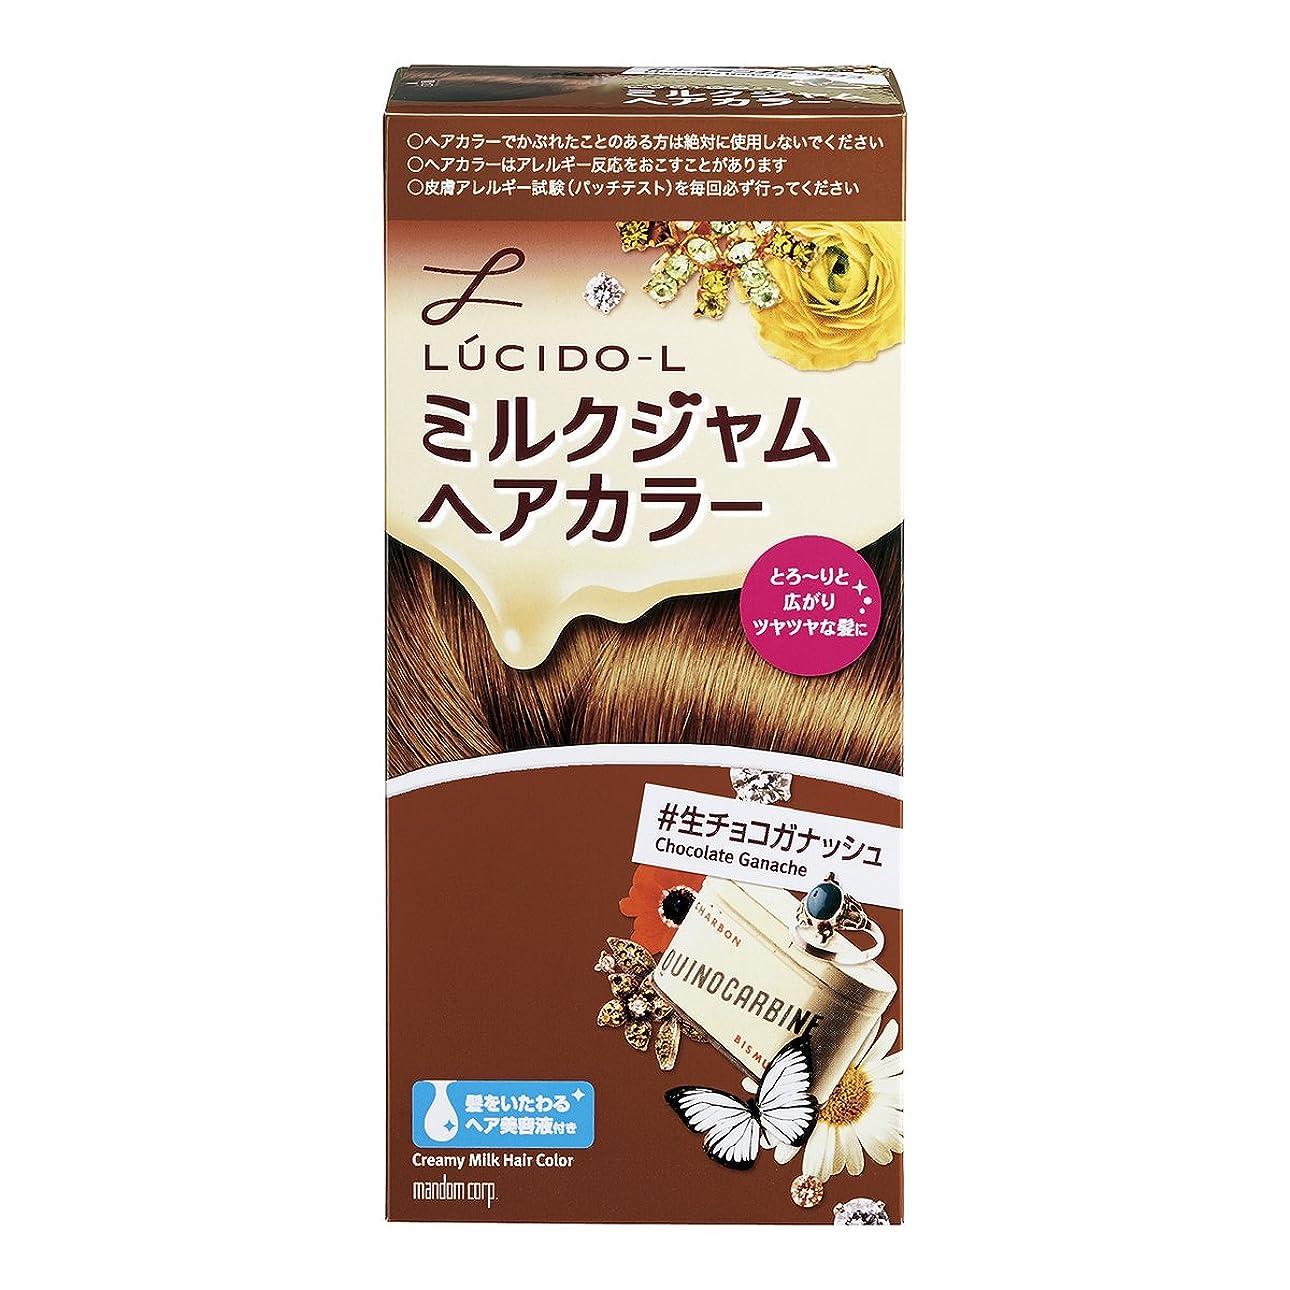 アメリカパニック腰ルシードエル ミルクジャムヘアカラー #生チョコガナッシュ 40g (医薬部外品)